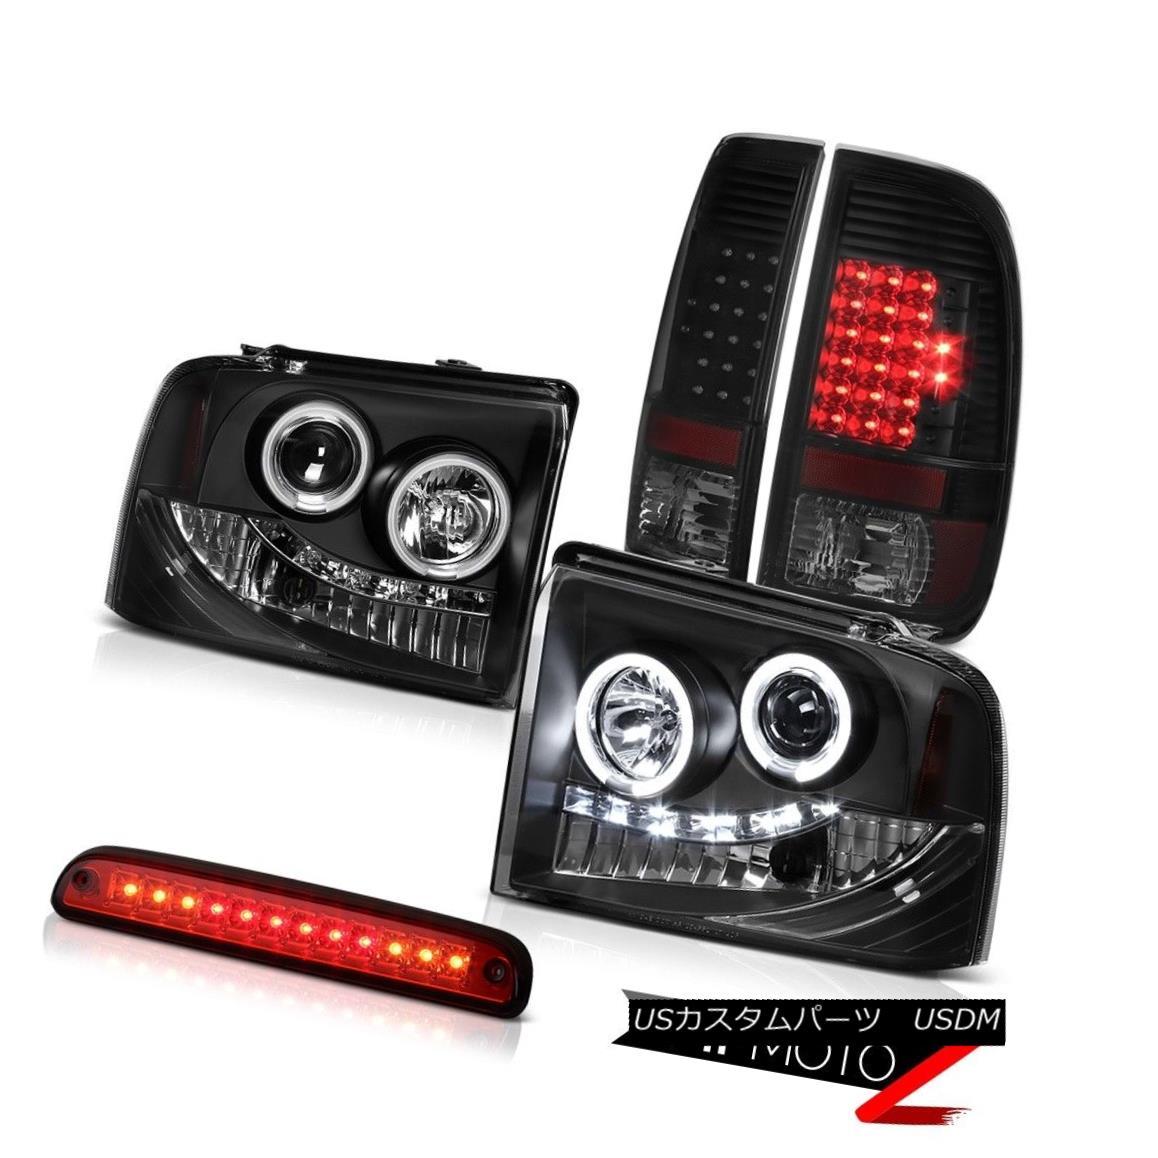 テールライト 05-07 F250 6.8L Angel Eye Projector Headlight Bright LED Tail Lamp High Stop Red 05-07 F250 6.8Lエンジェルアイプロジェクターヘッドライト明るいLEDテールランプハイストップレッド